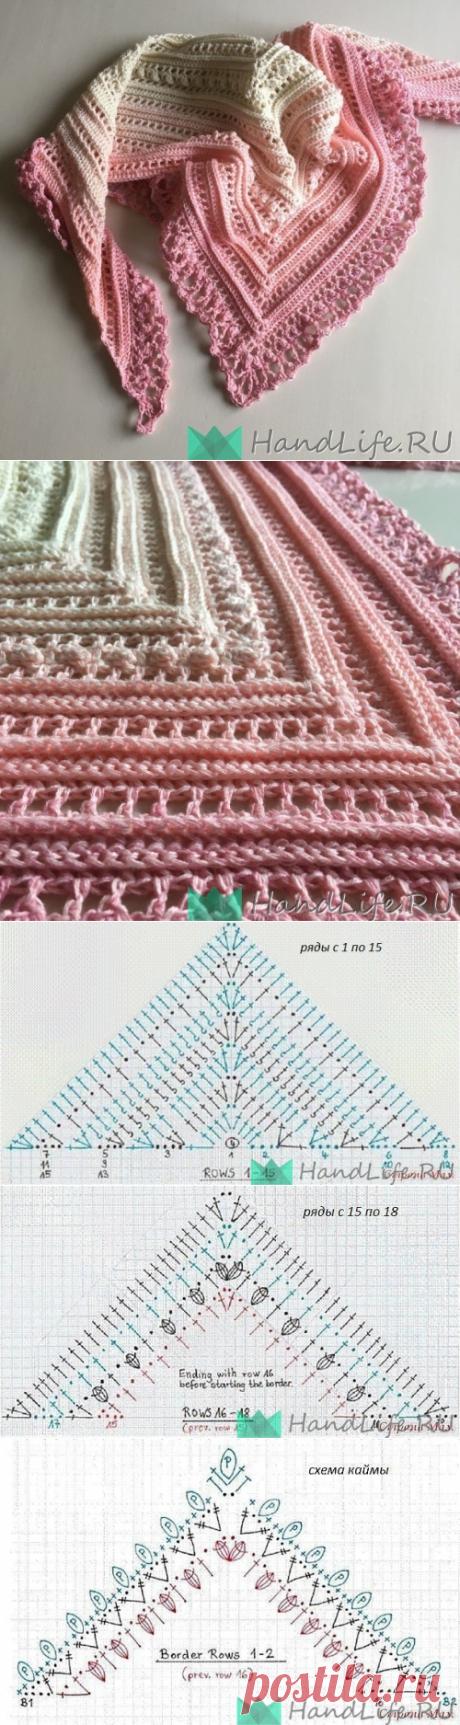 Beautiful baktus hook \/ Knitting